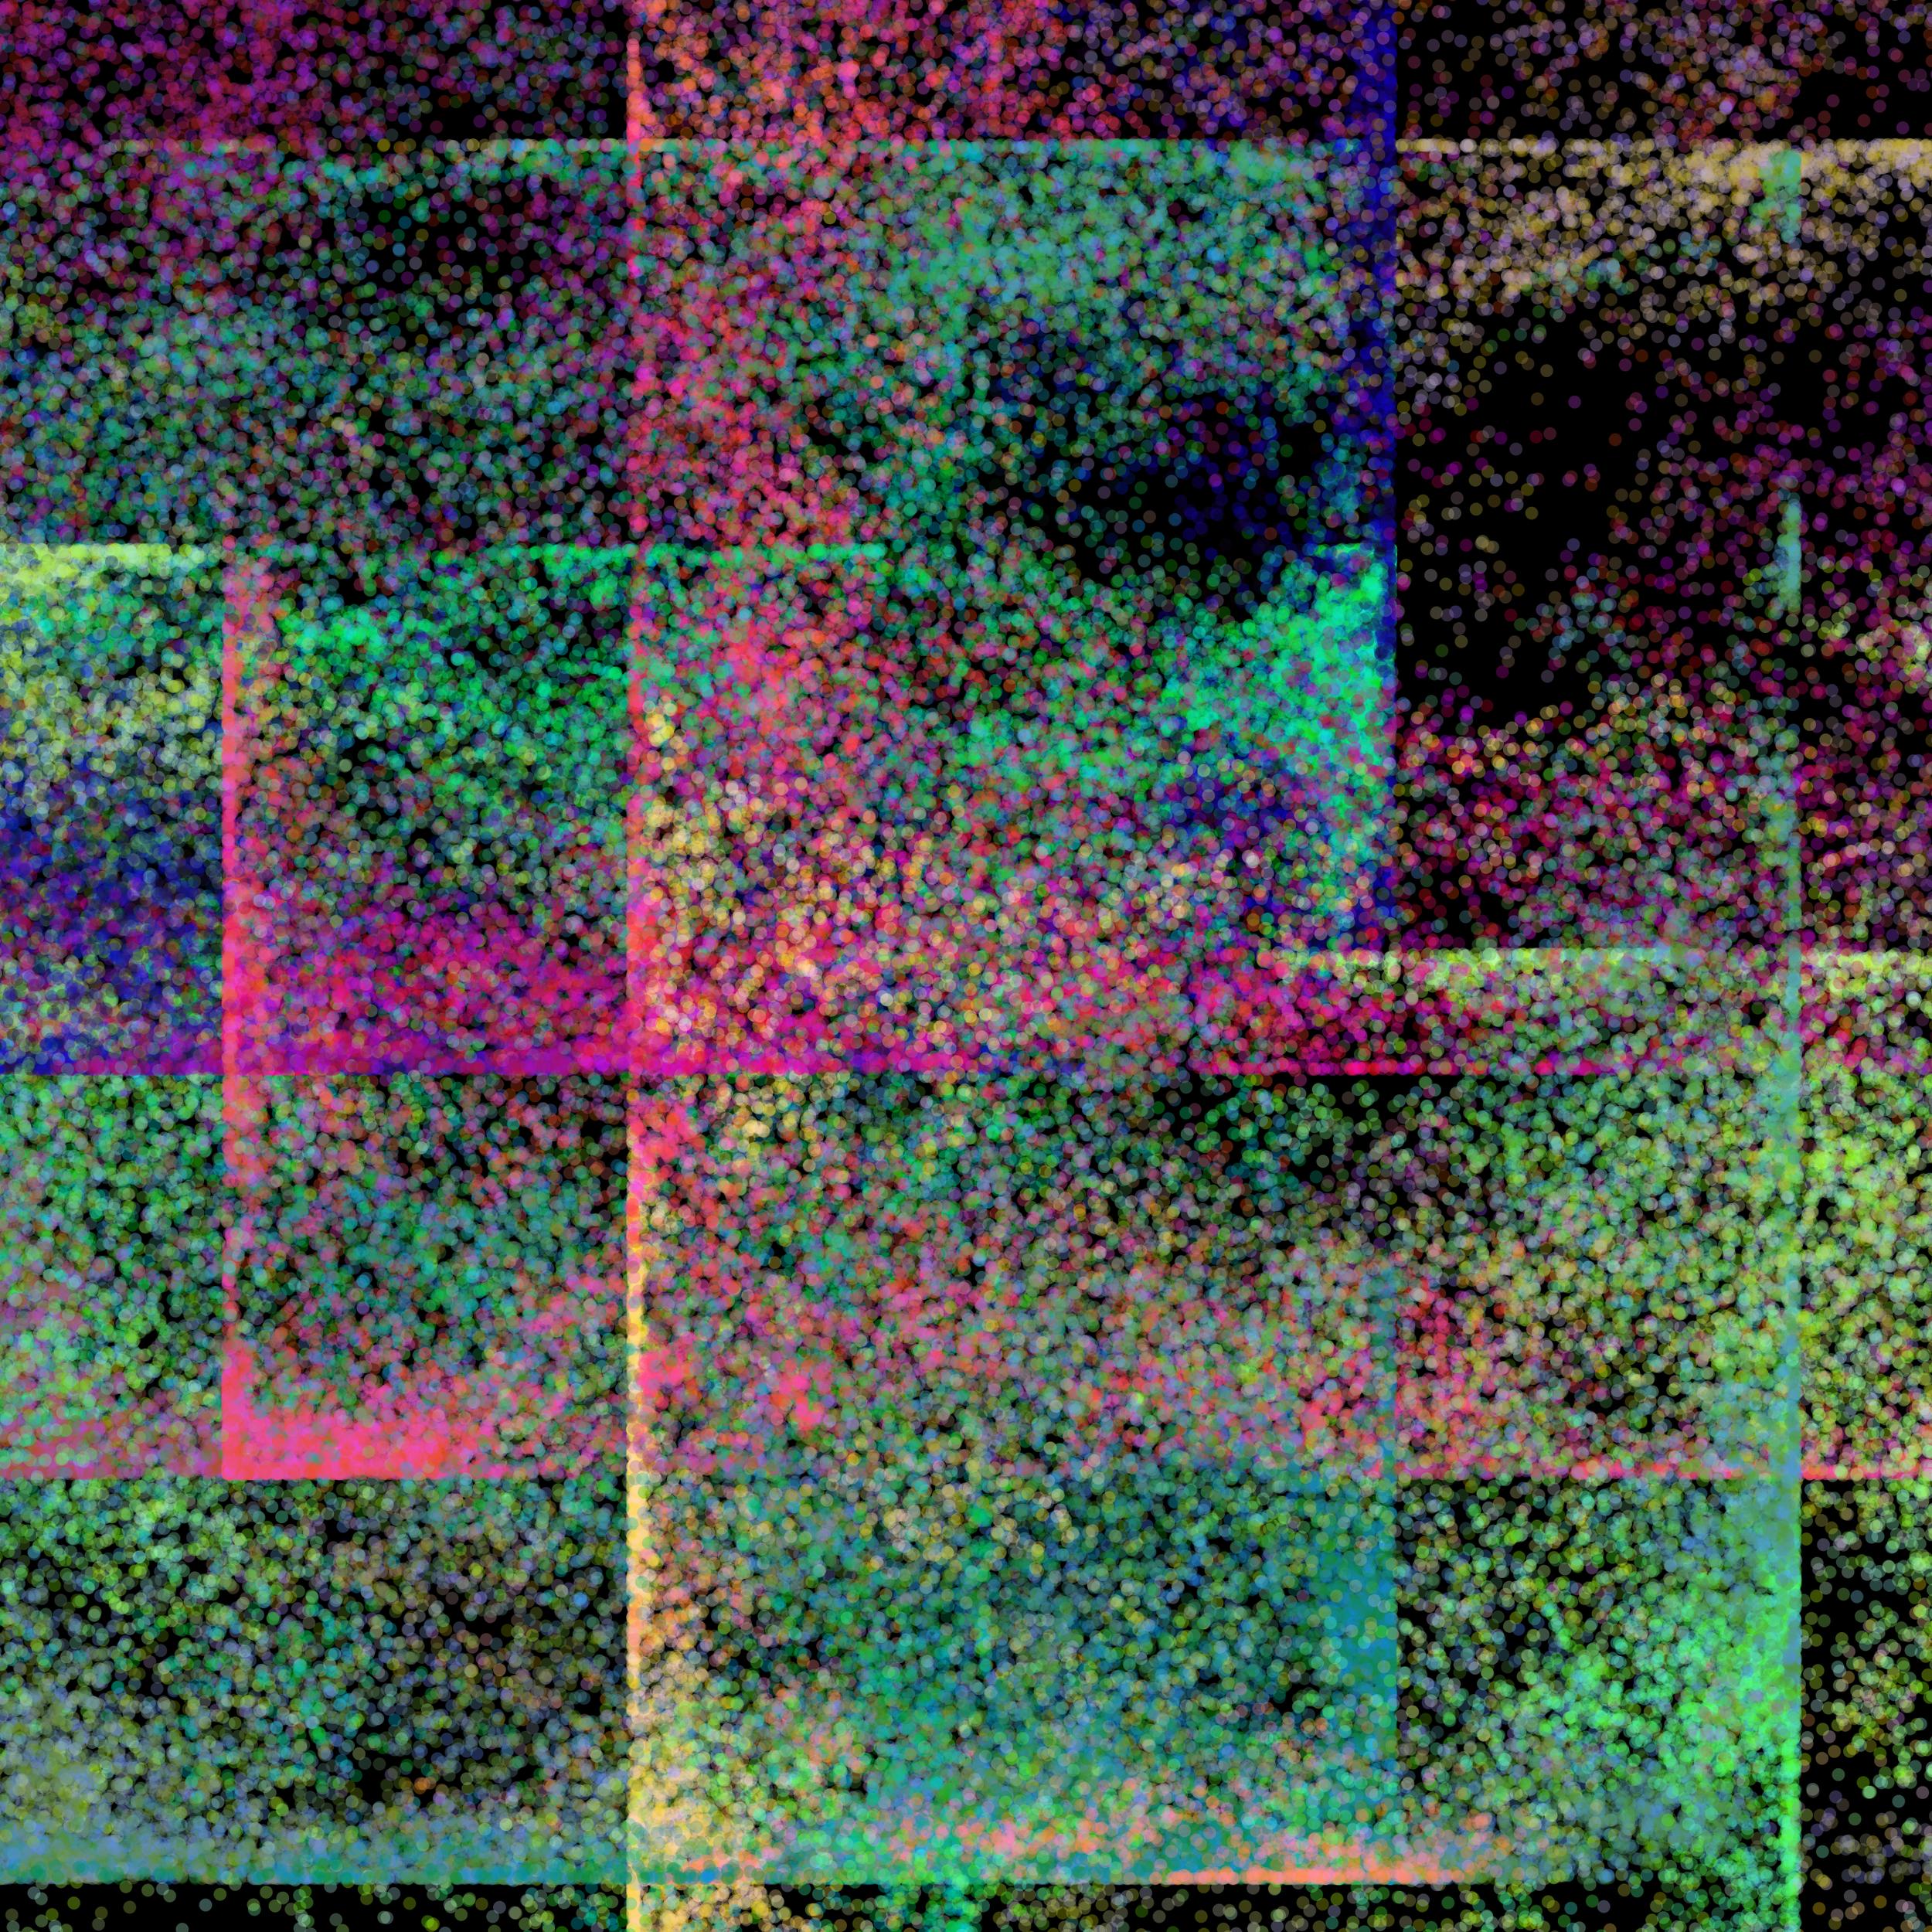 83d13674-4ca1-48c1-9d5e-1e4fb7e87c94.png